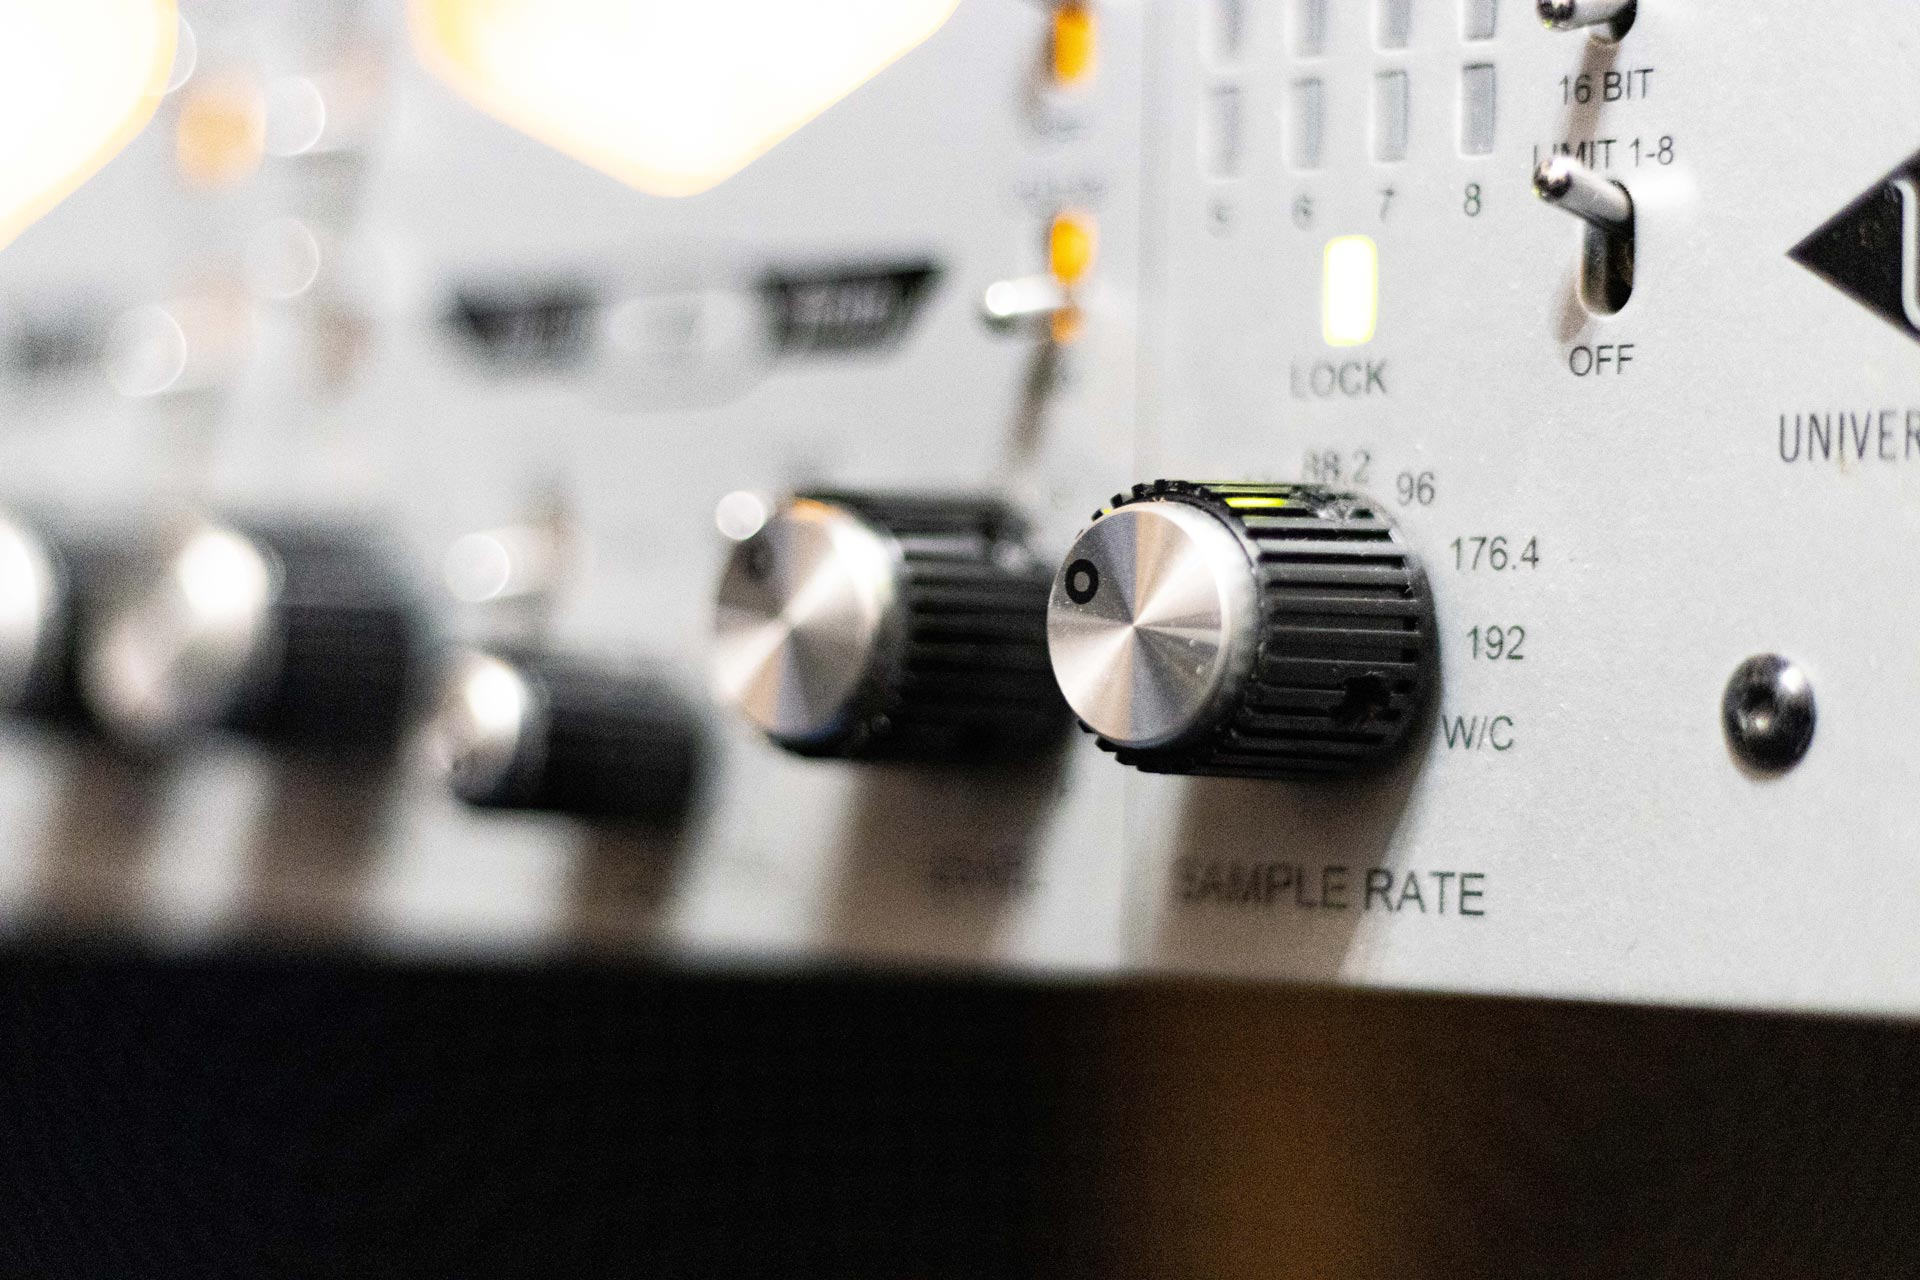 Studio d'enregistrement OHM - poter © Droits réservés : Maelwenn LEDUC